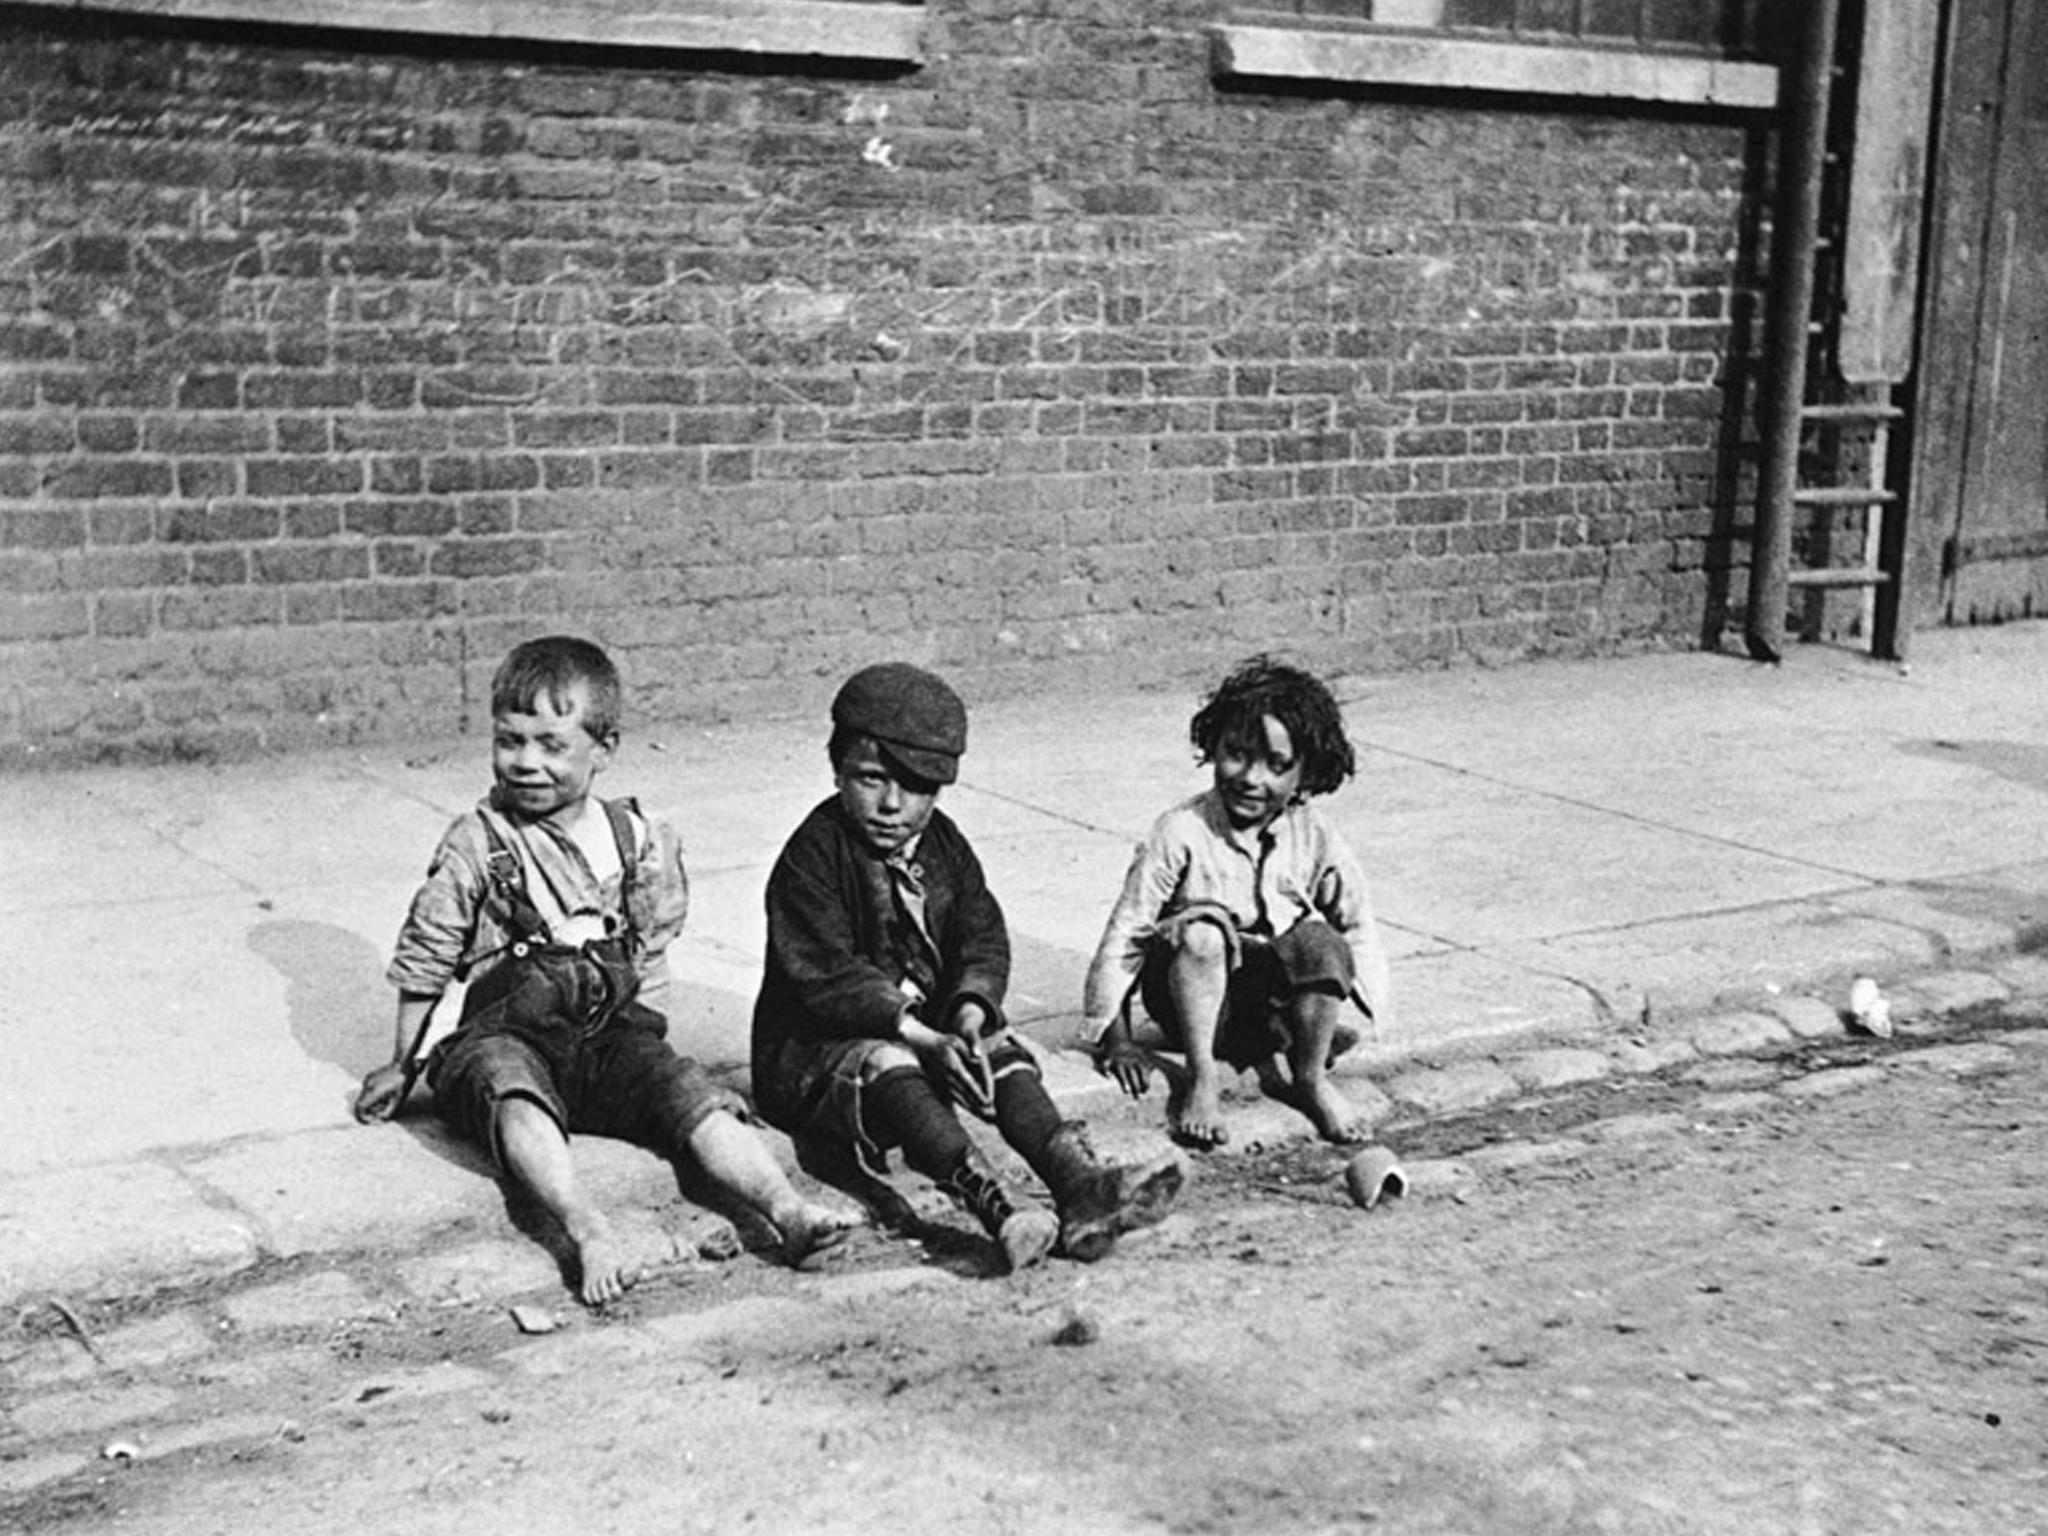 Paul Martin: Street Urchins, 1893